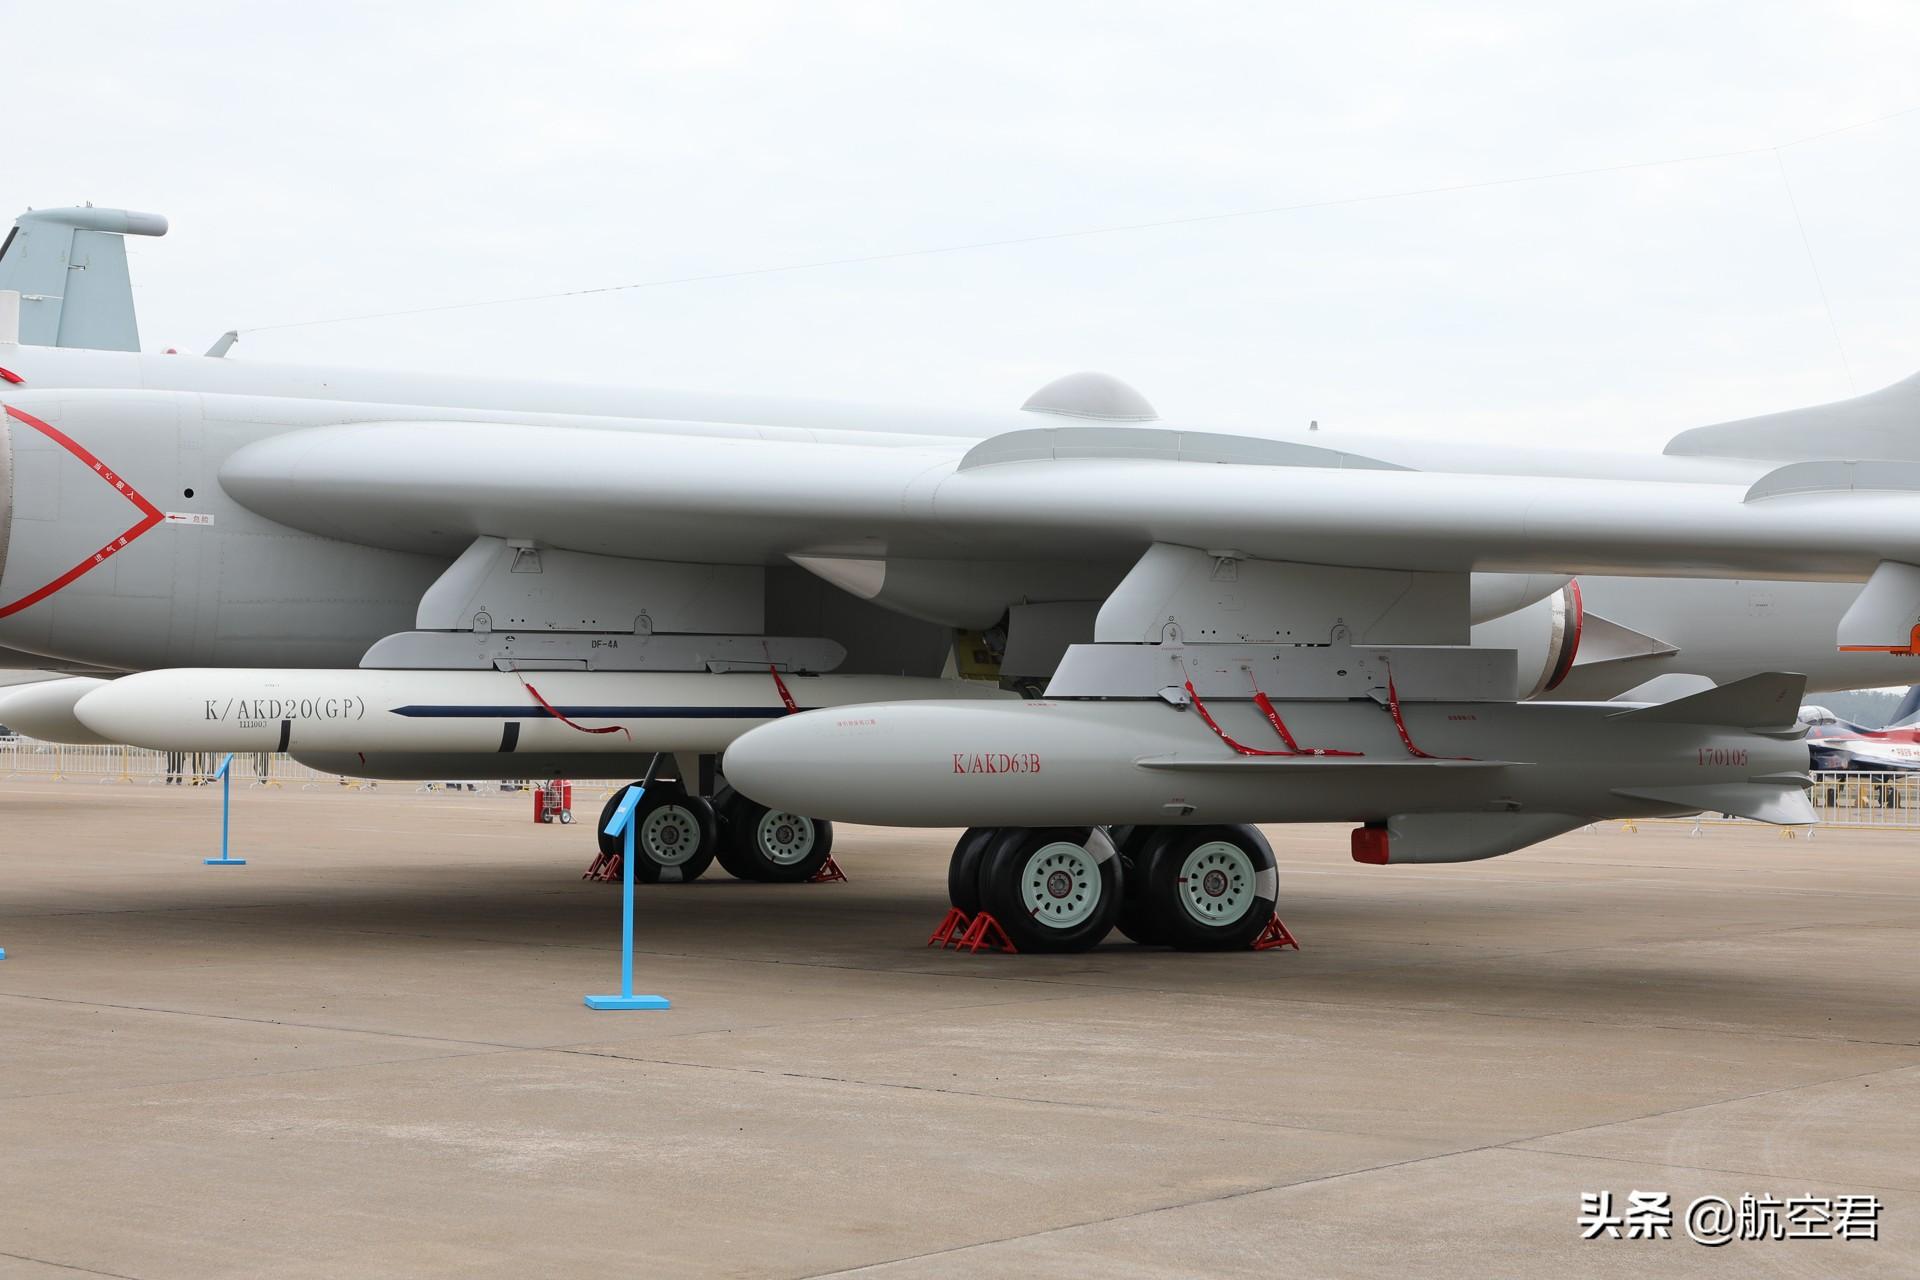 万里之外的外科手术式精准打击,世界上最具威力的空基巡航导弹